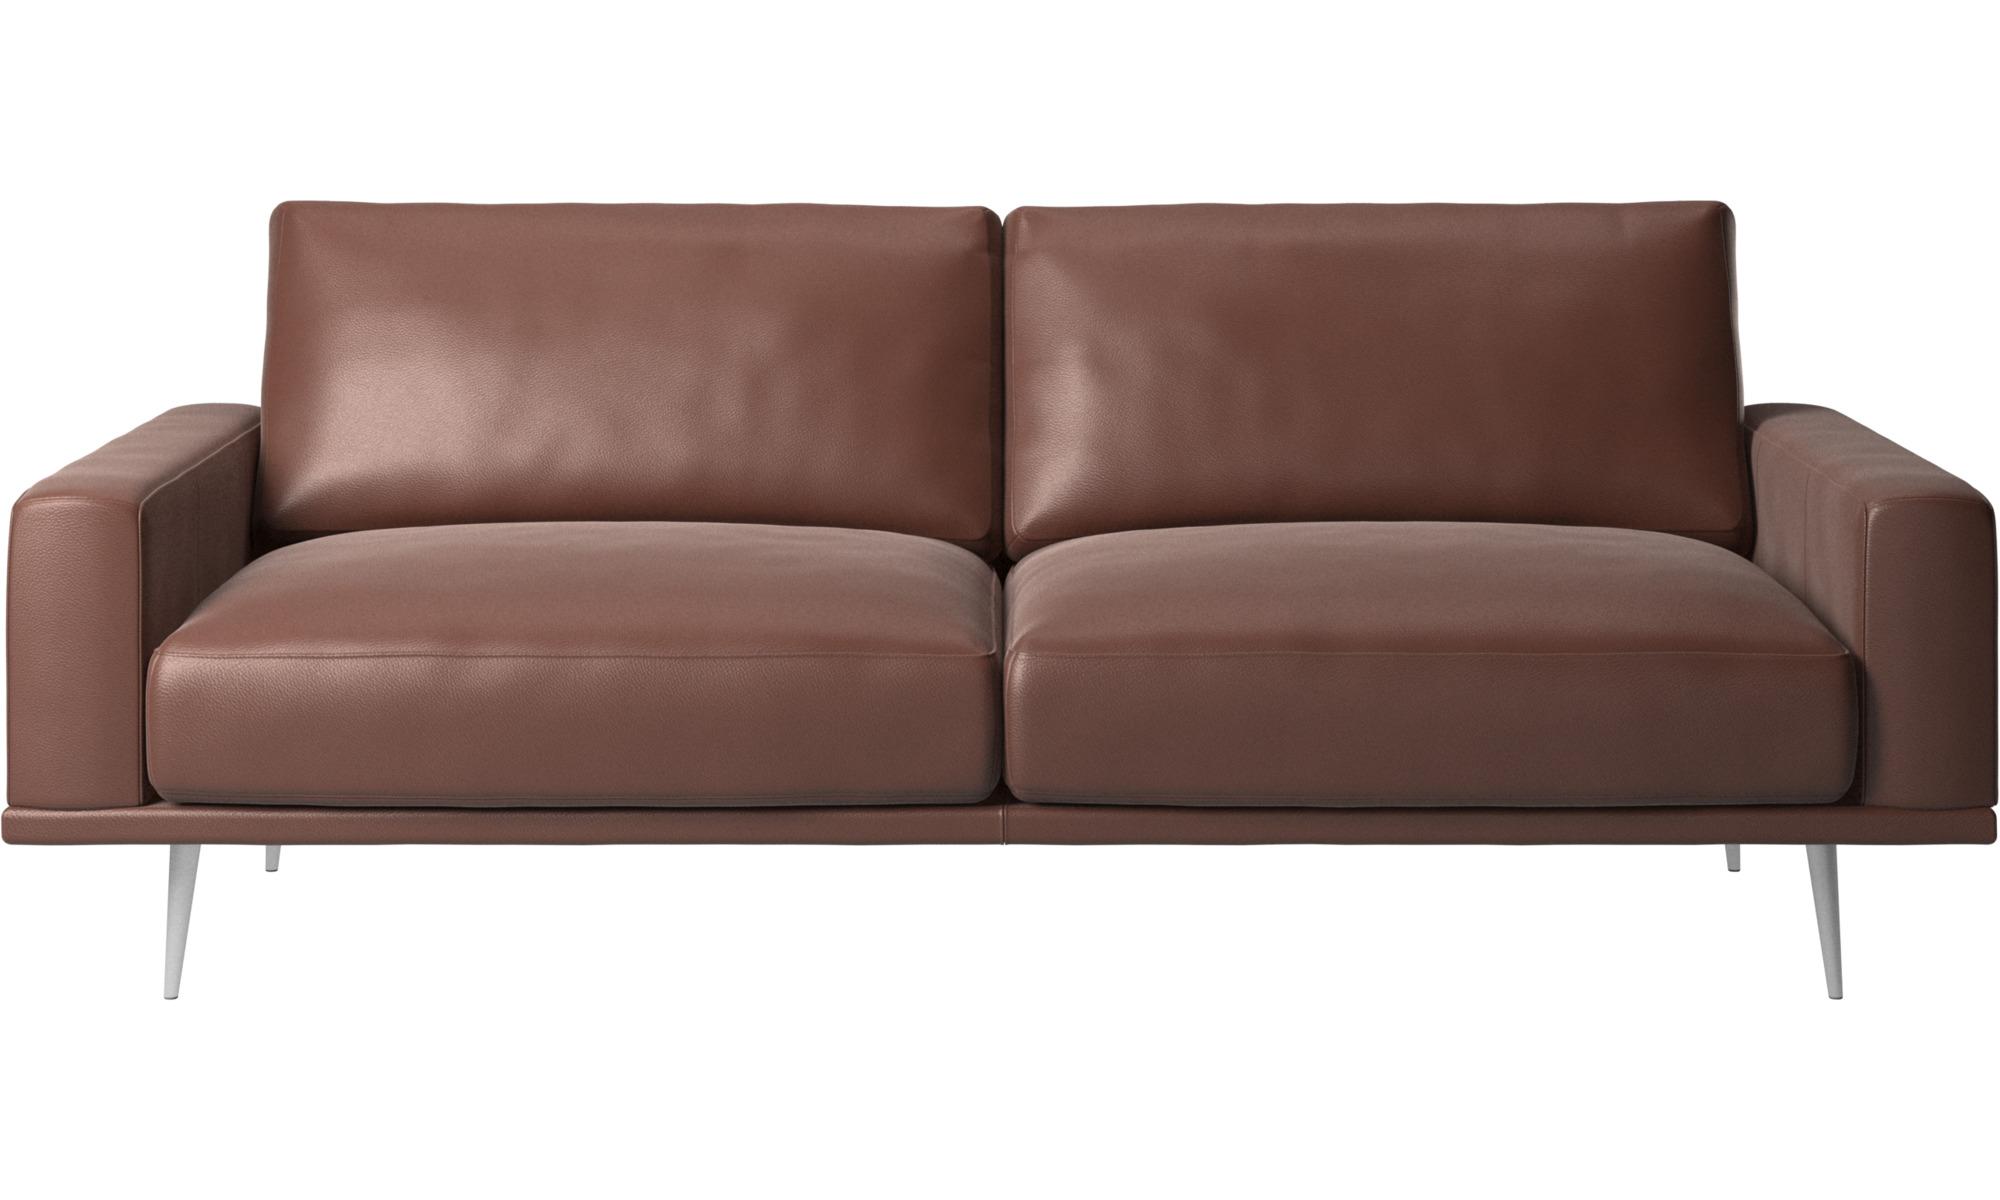 2 5 Seater Sofas Carlton Sofa Brown Leather